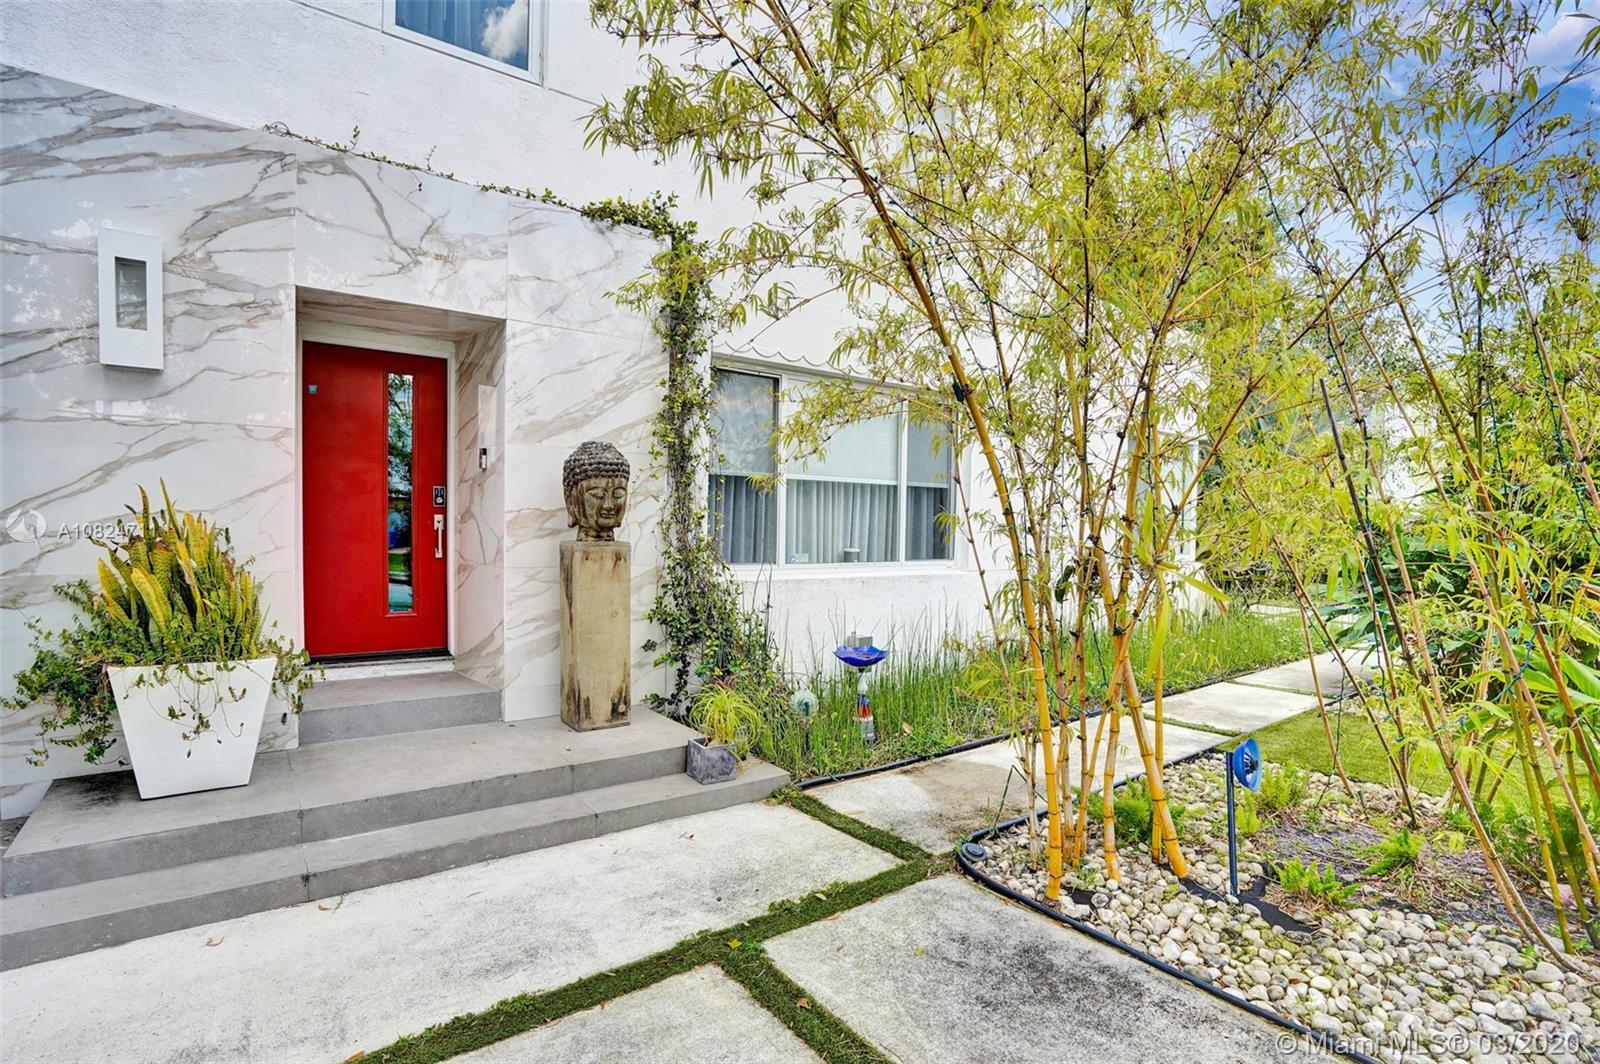 1523 NW 8th Ter, Miami, FL 33125 - Miami, FL real estate listing